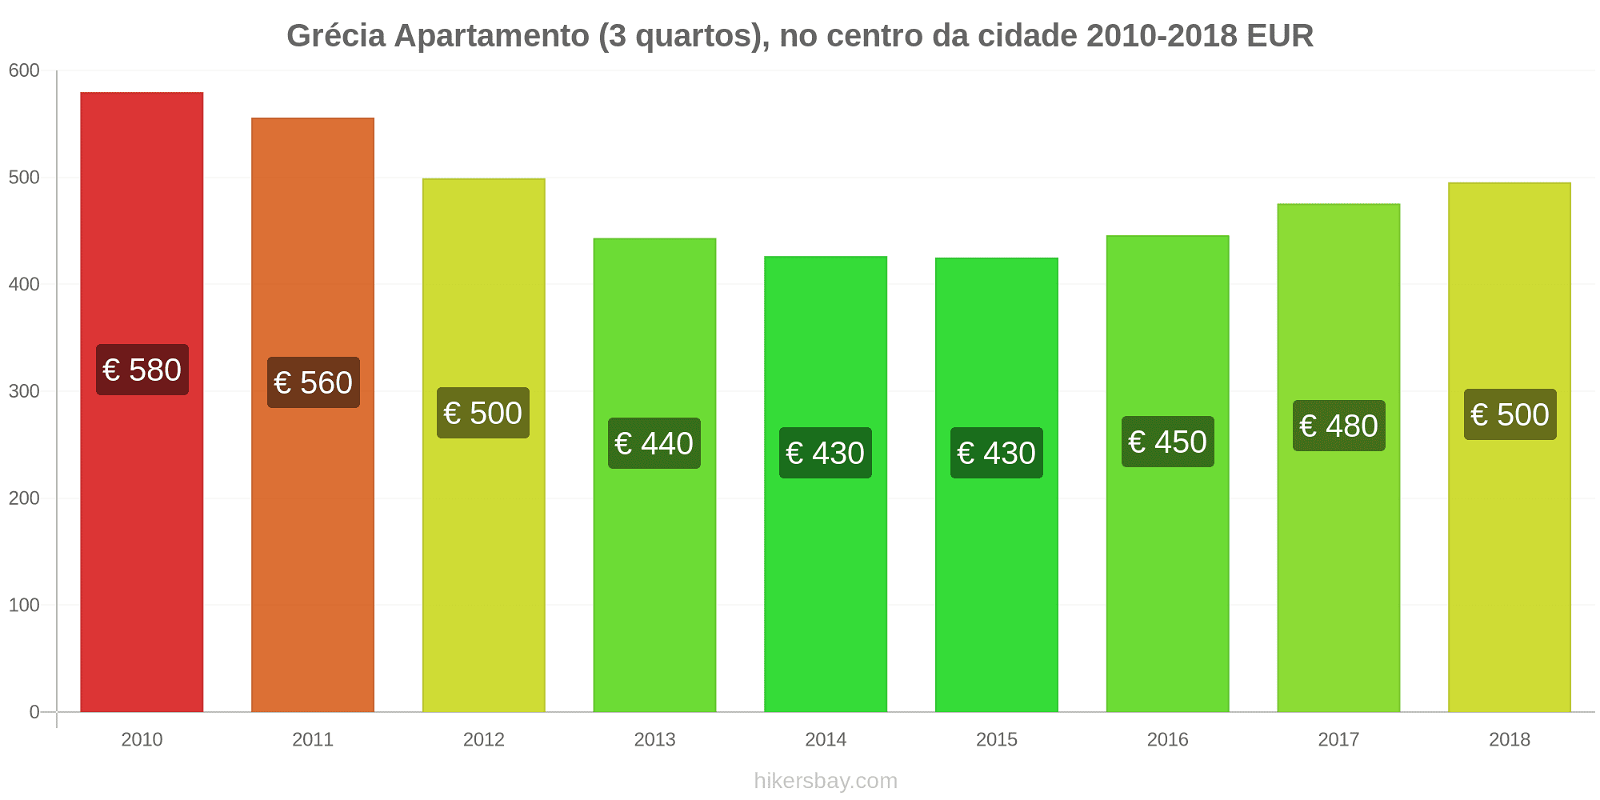 Grécia variação de preço Apartamento (3 quartos), no centro da cidade hikersbay.com